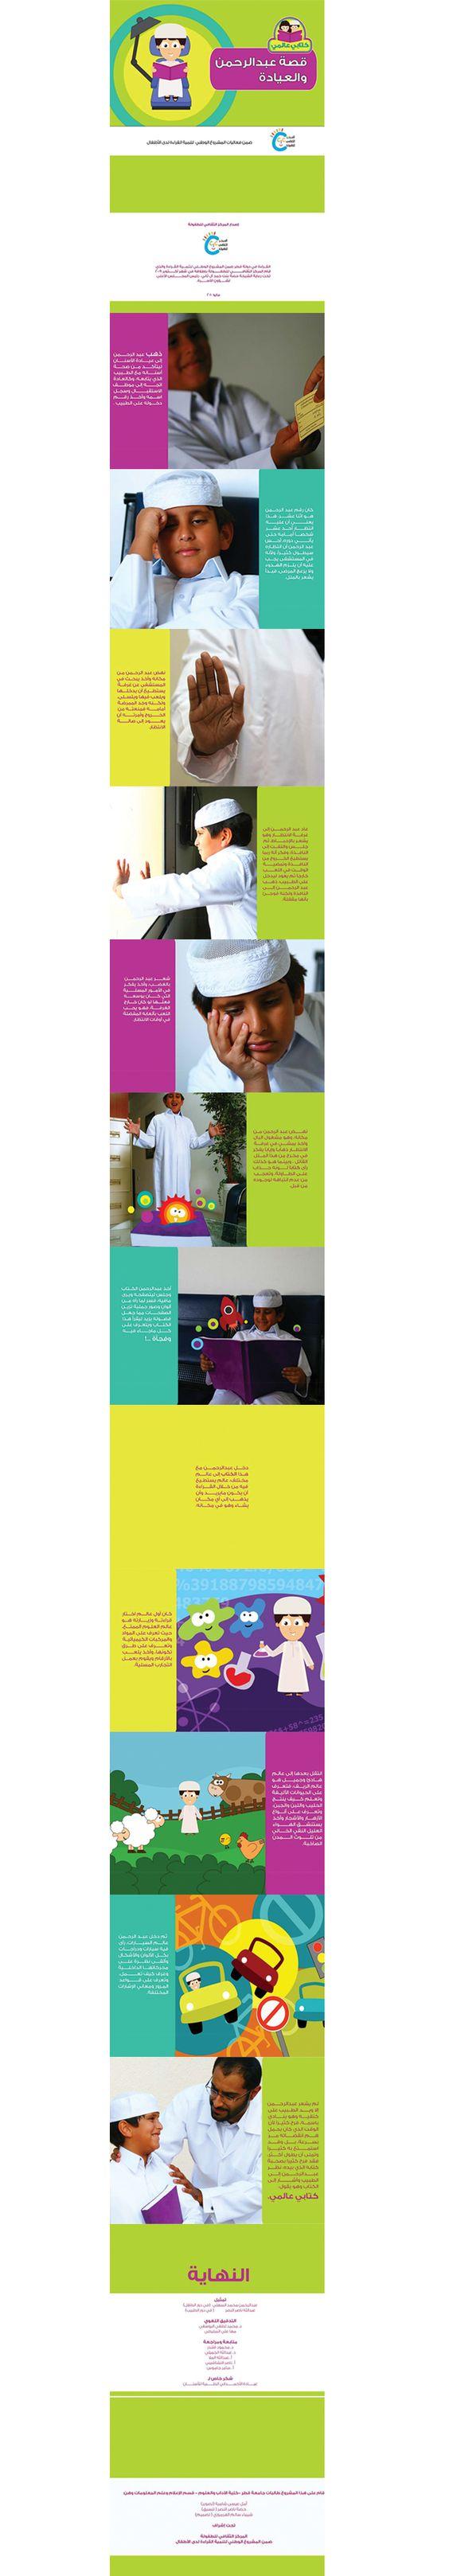 قصة للاطفال من اصدار المركز الثقافي للطفولة ضمن مشروع تنمية القراءة لدى الأطفال